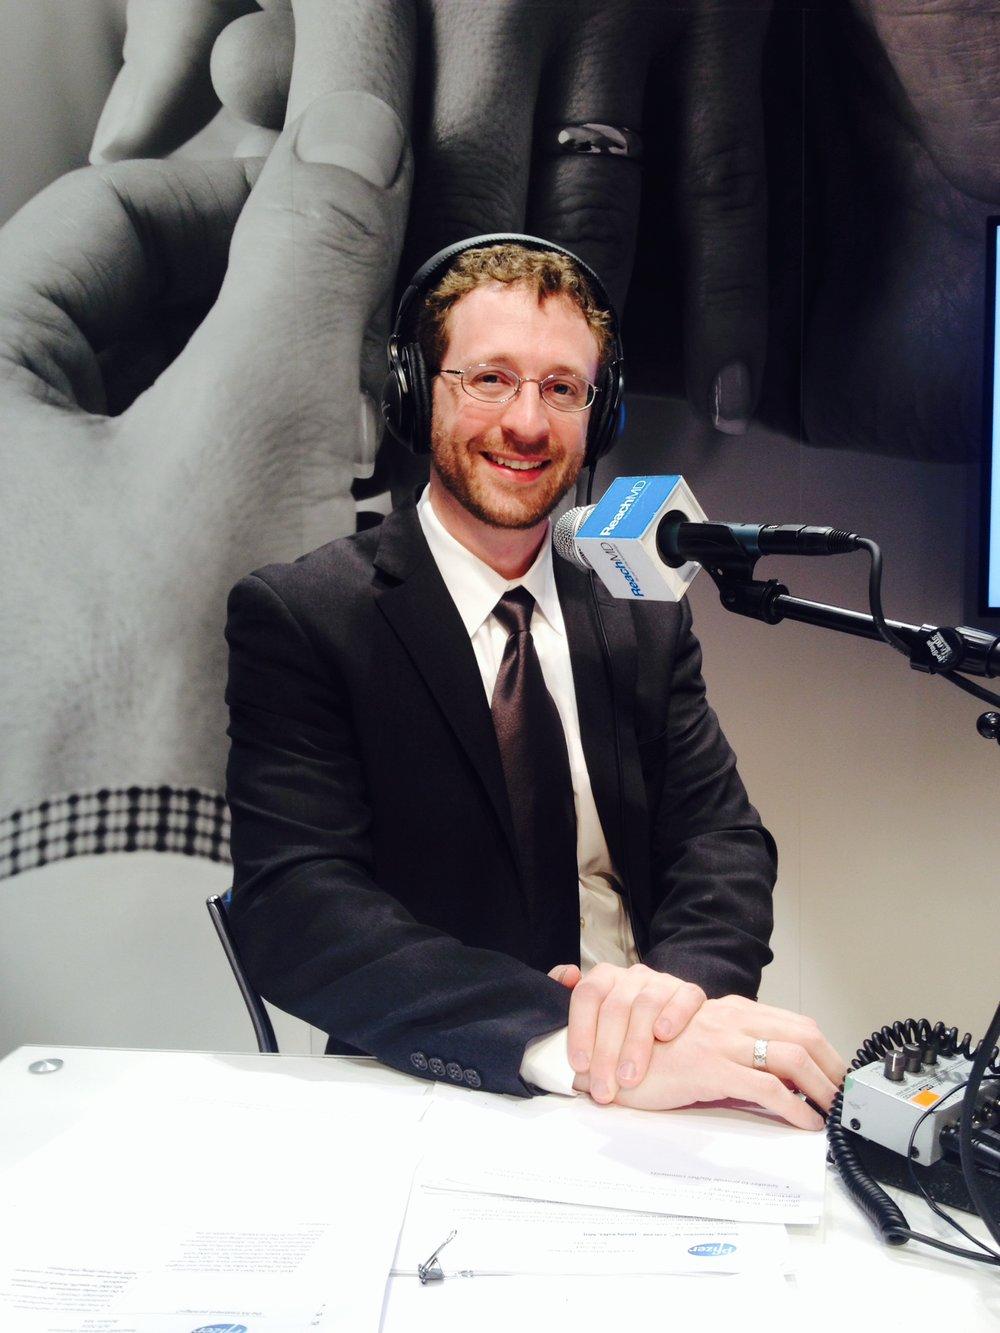 Matt Birnholz